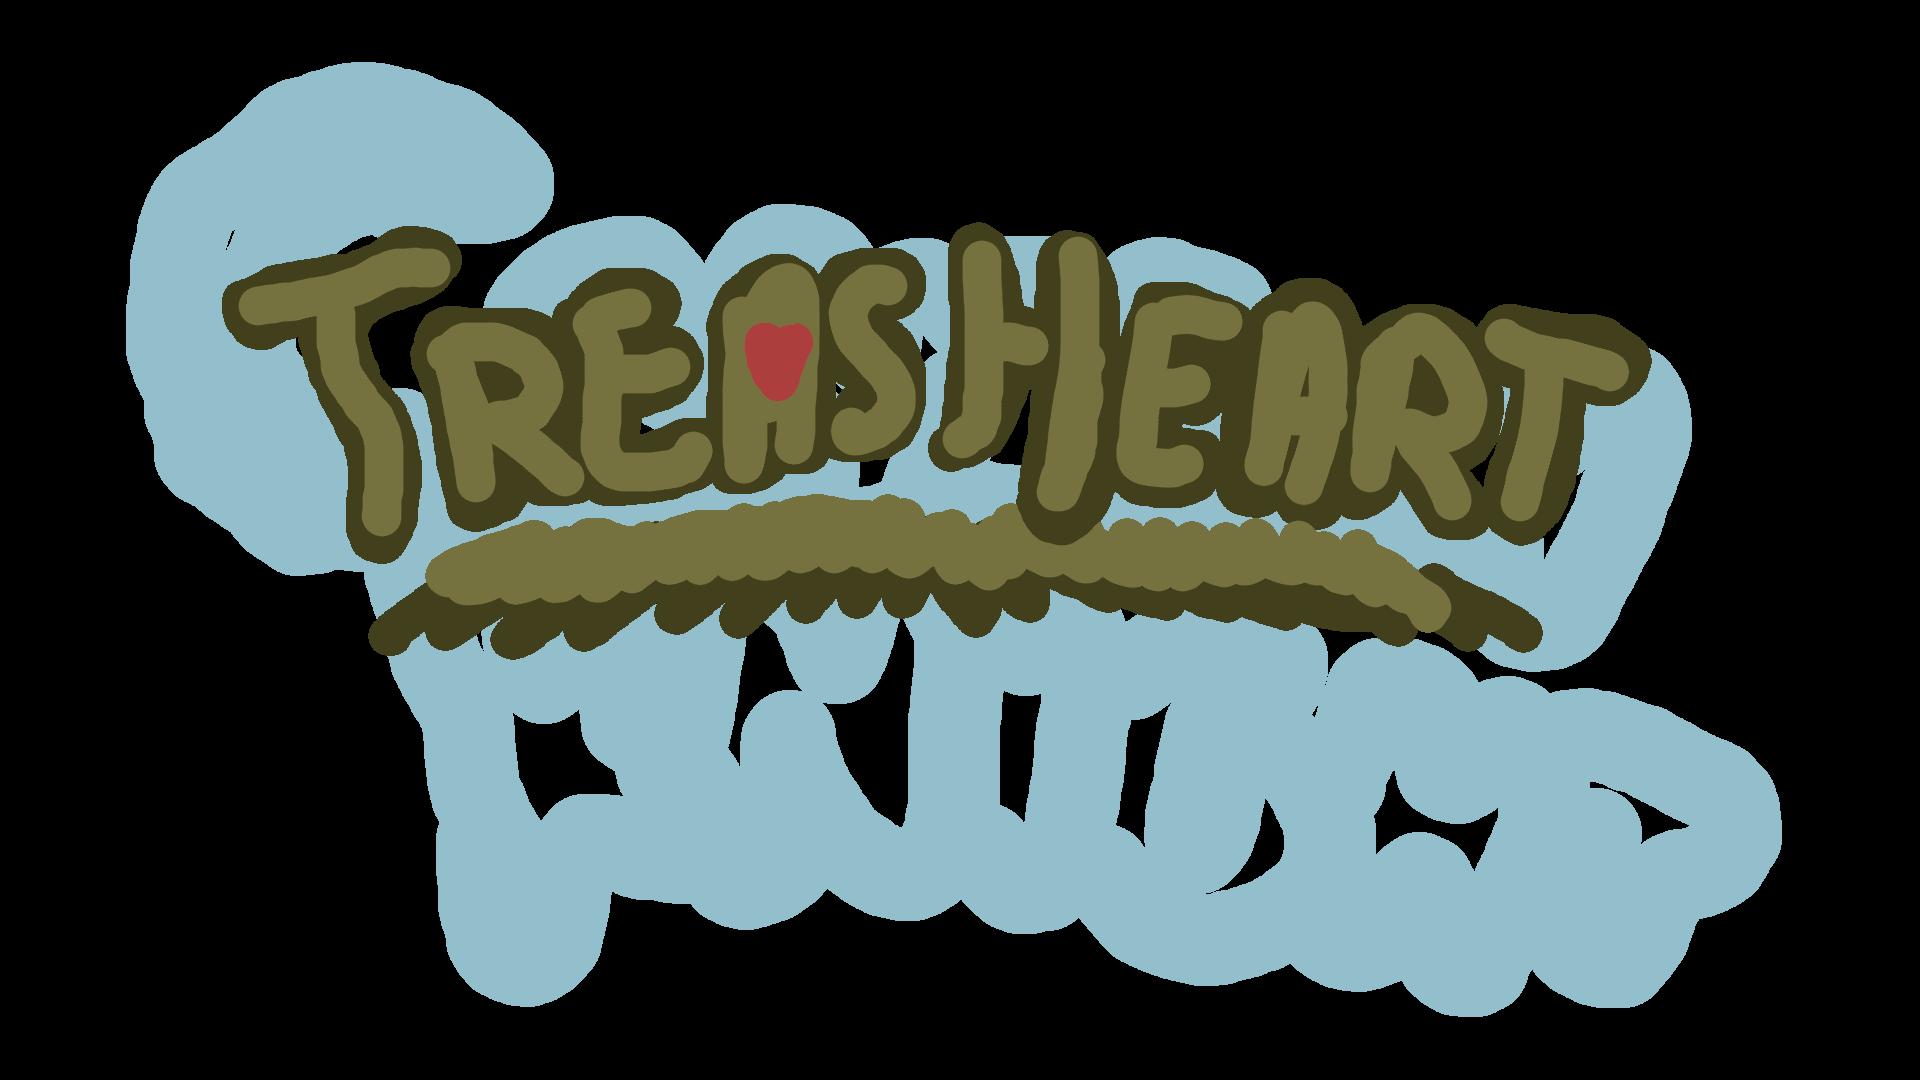 TreasHeart